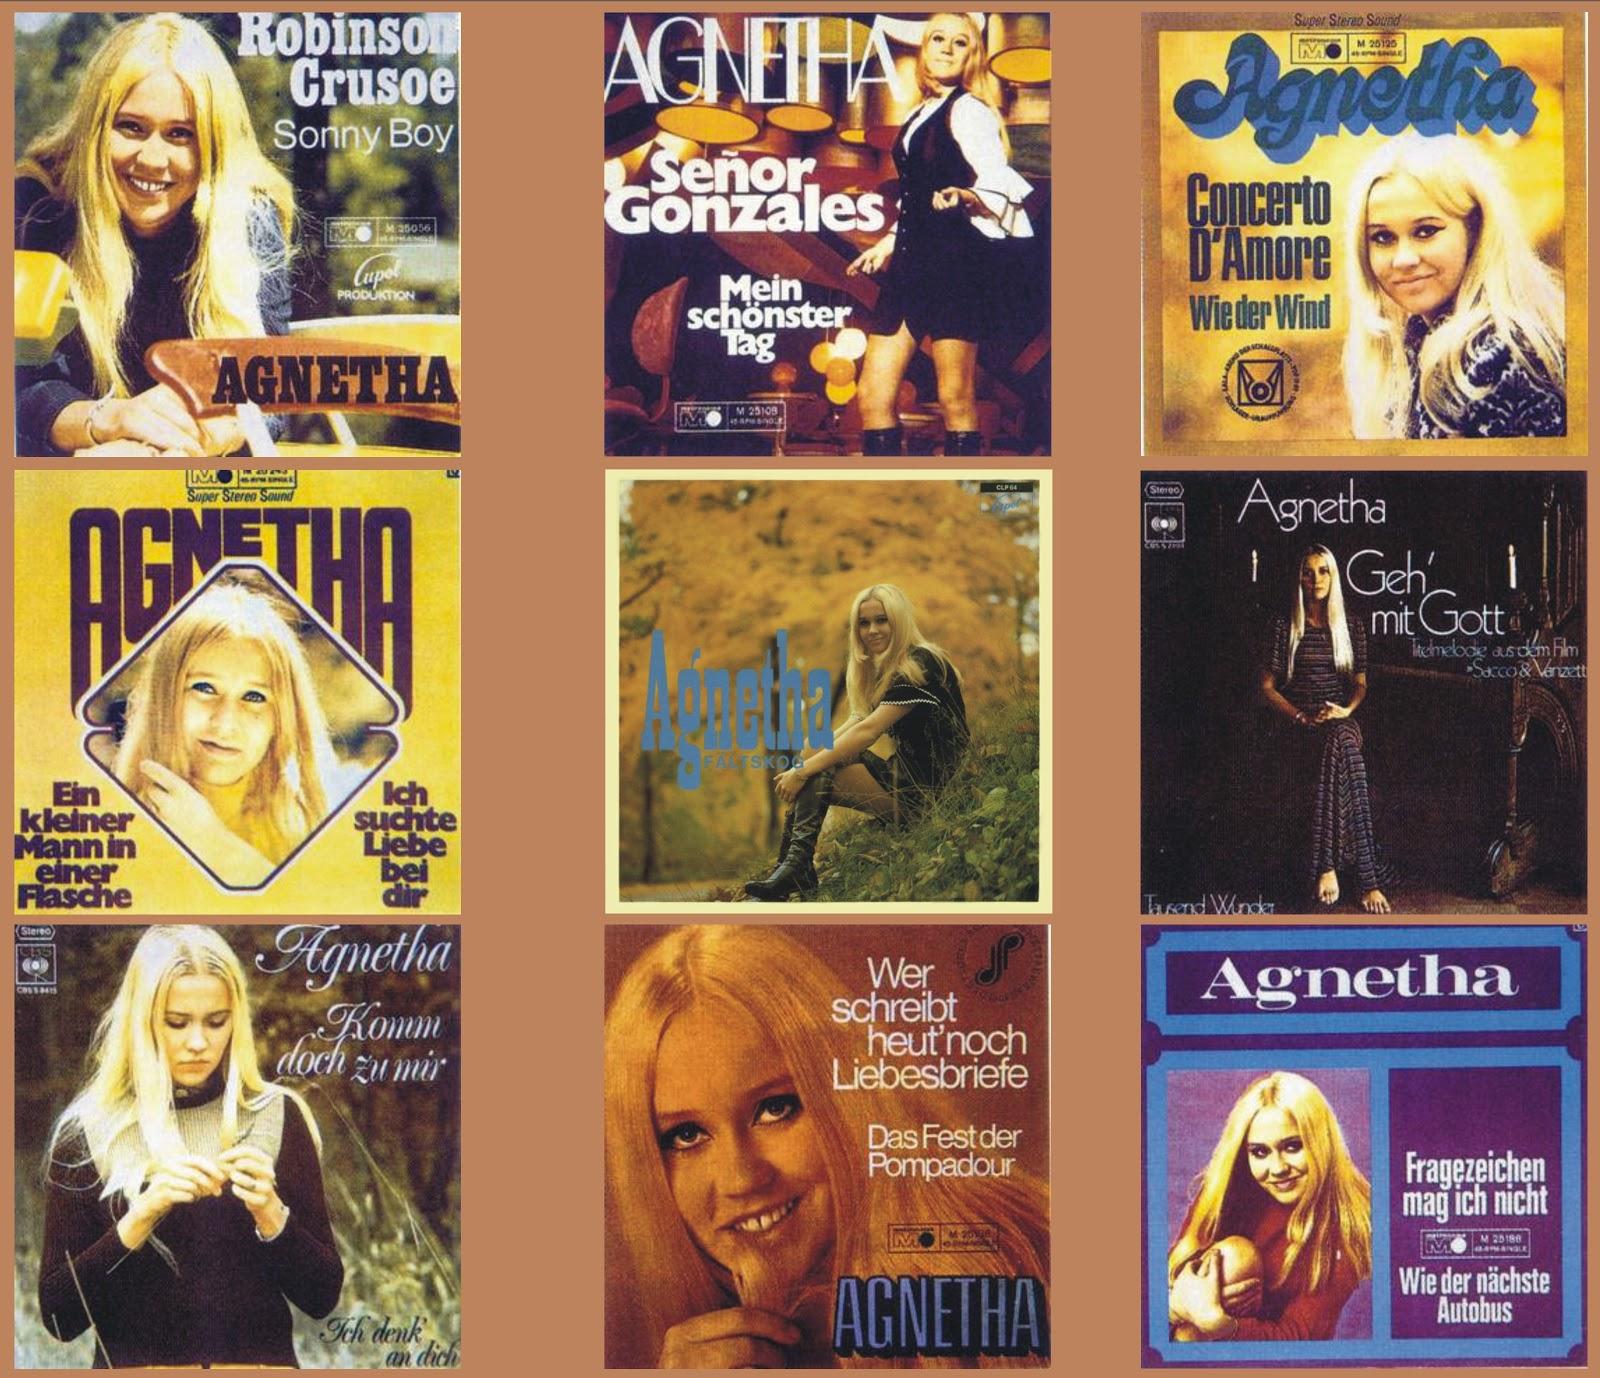 Deutsche singles